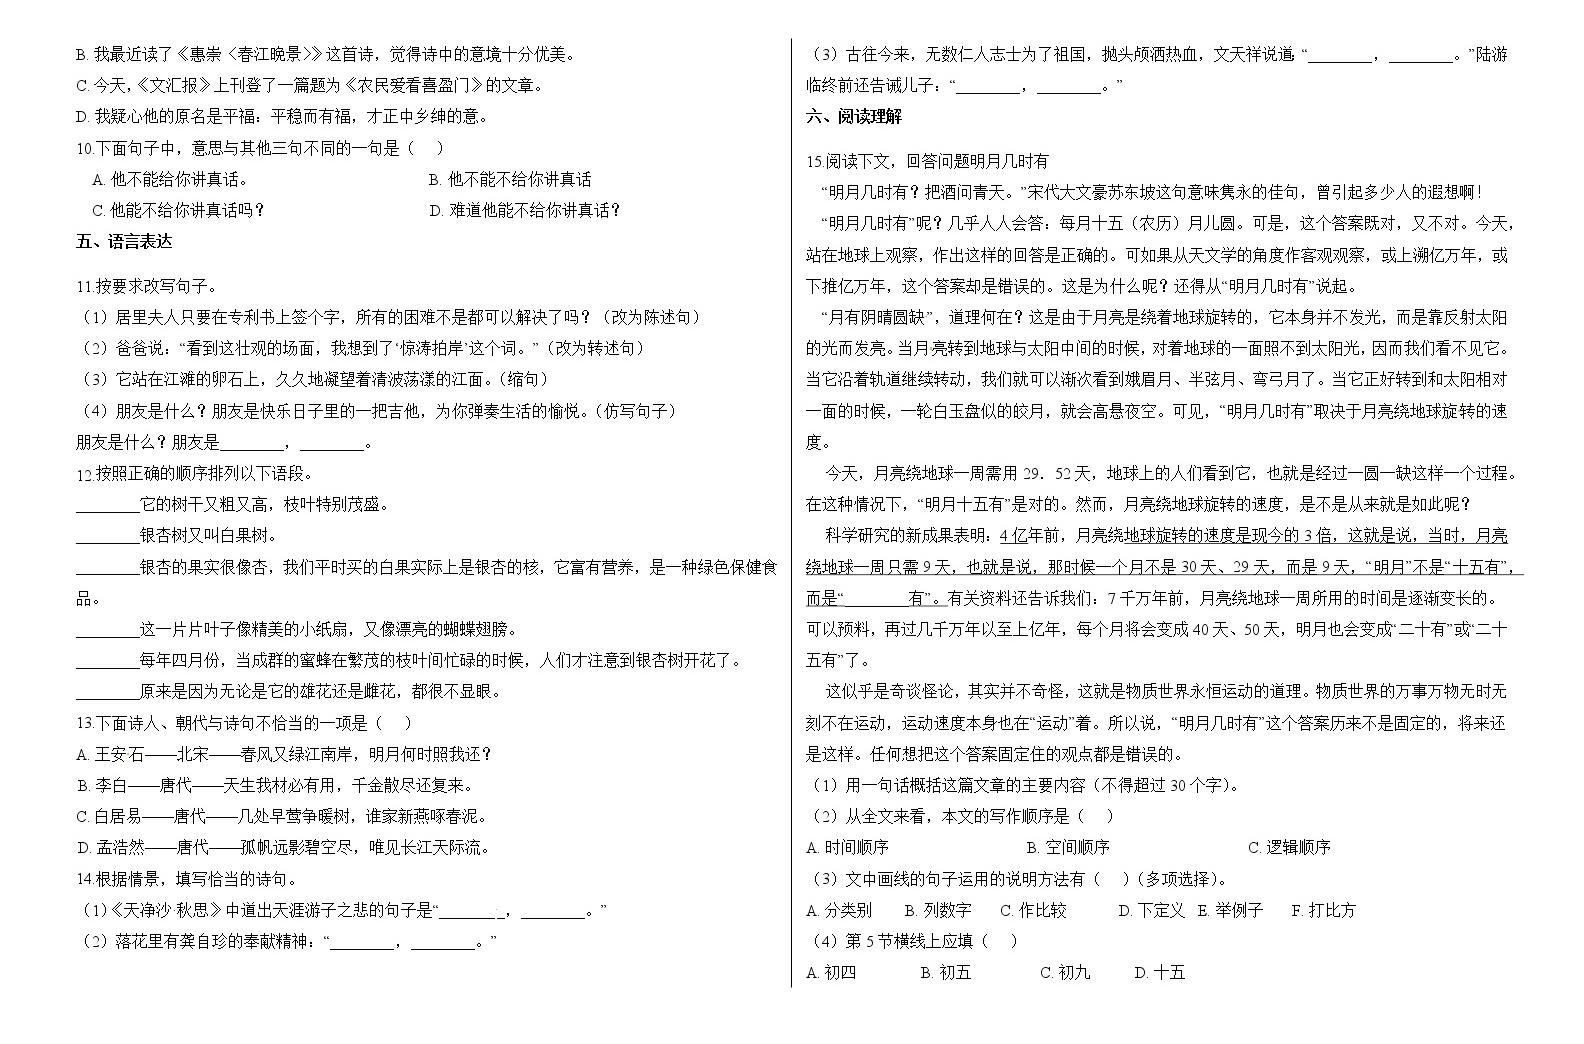 2019-2020年度六年级语文小升初全真模拟试卷 (五)(有答案)02